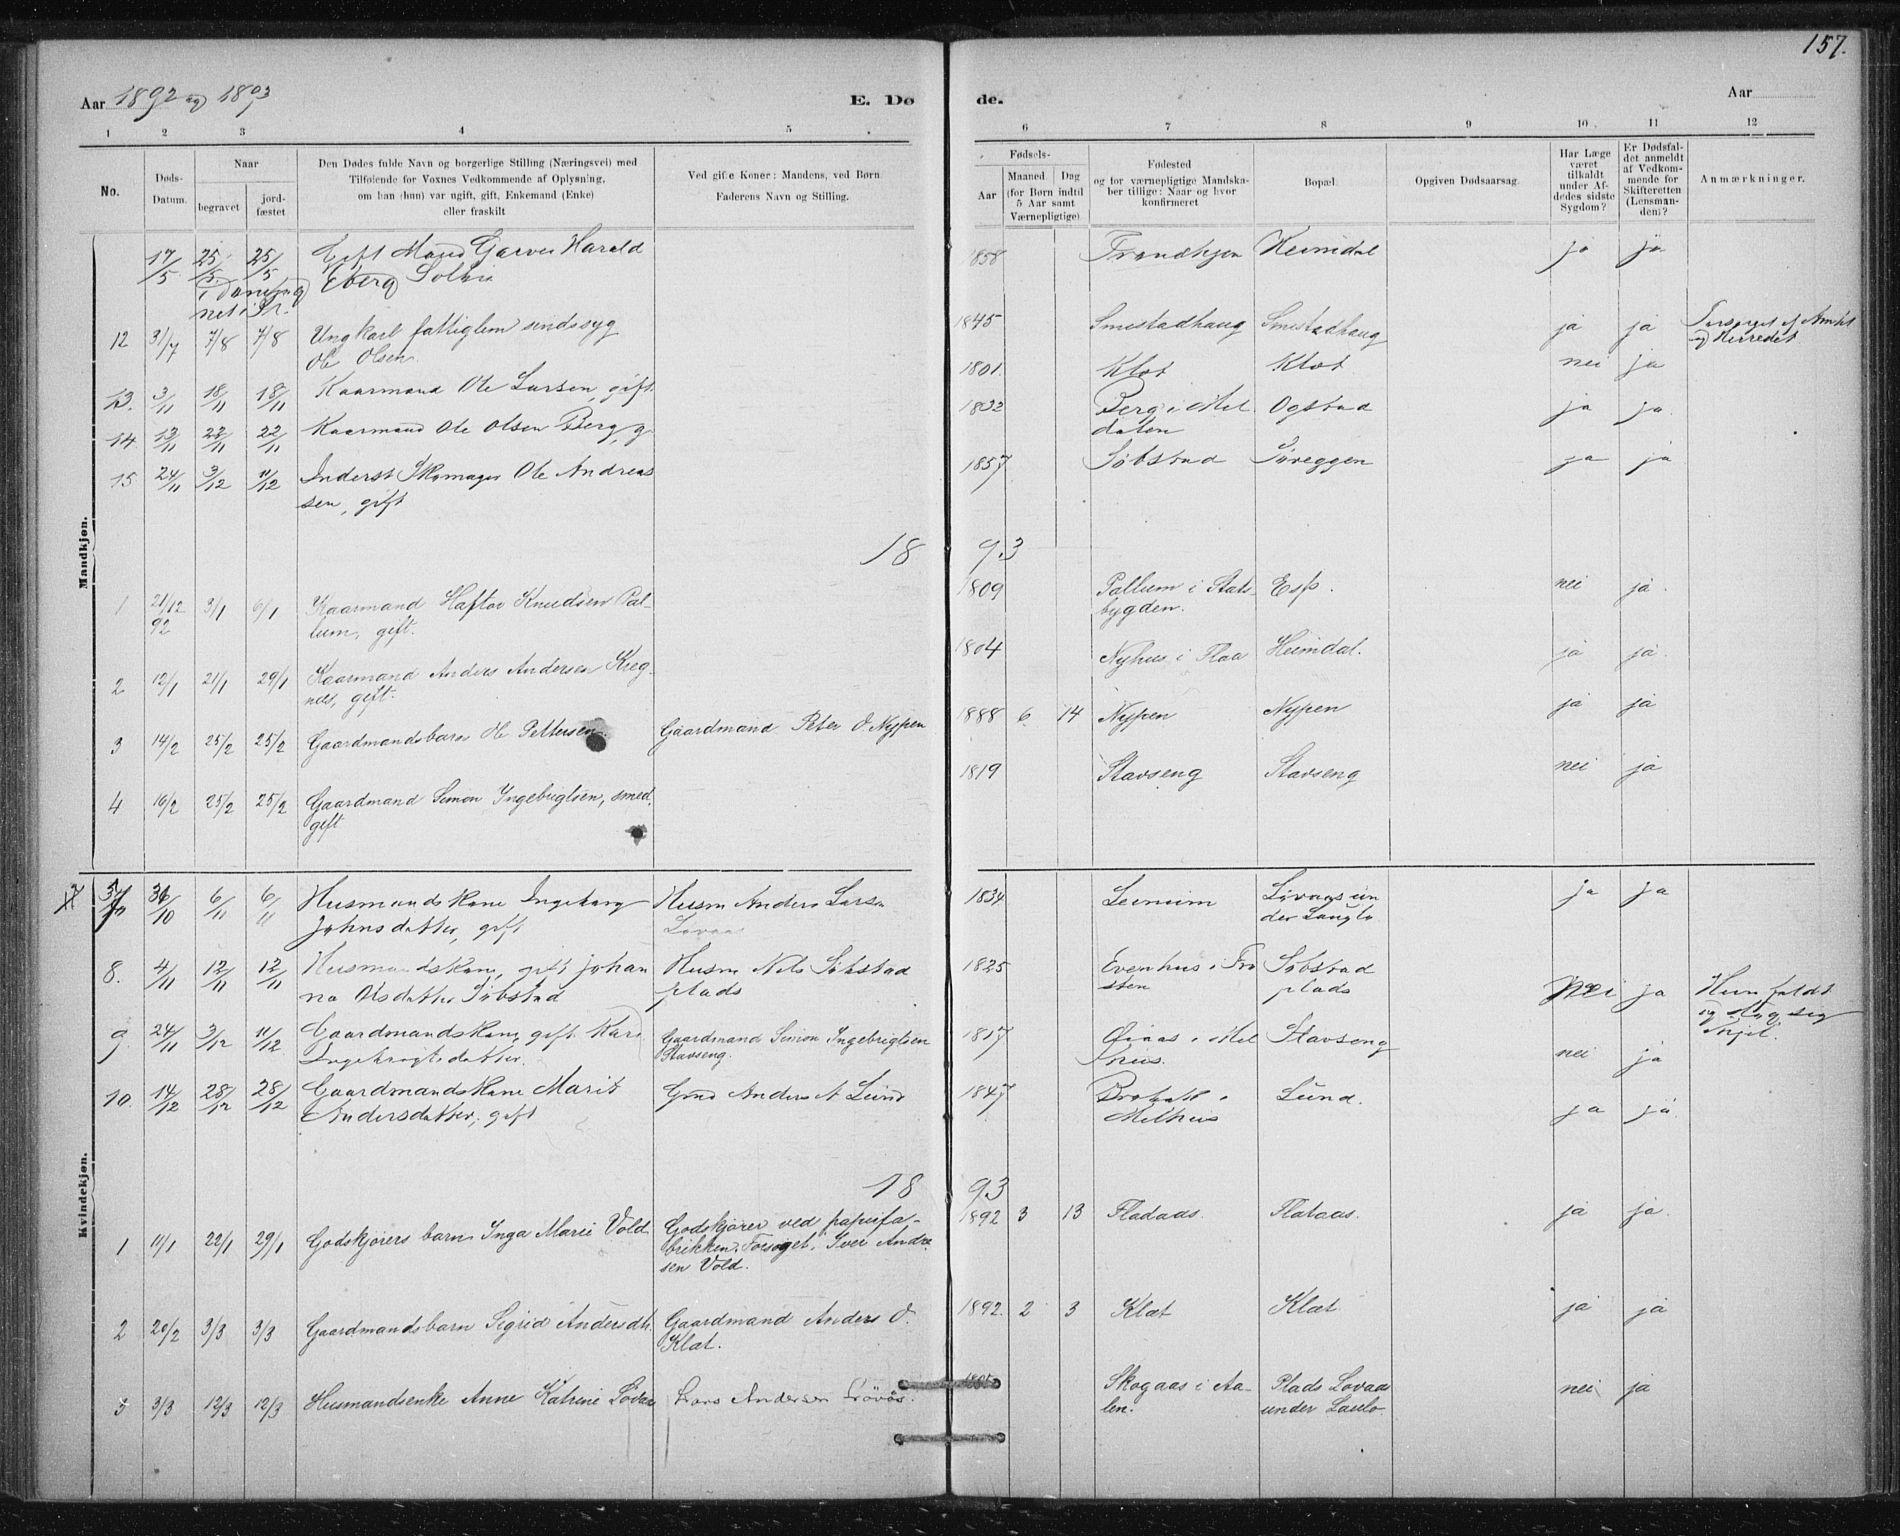 SAT, Ministerialprotokoller, klokkerbøker og fødselsregistre - Sør-Trøndelag, 613/L0392: Ministerialbok nr. 613A01, 1887-1906, s. 157